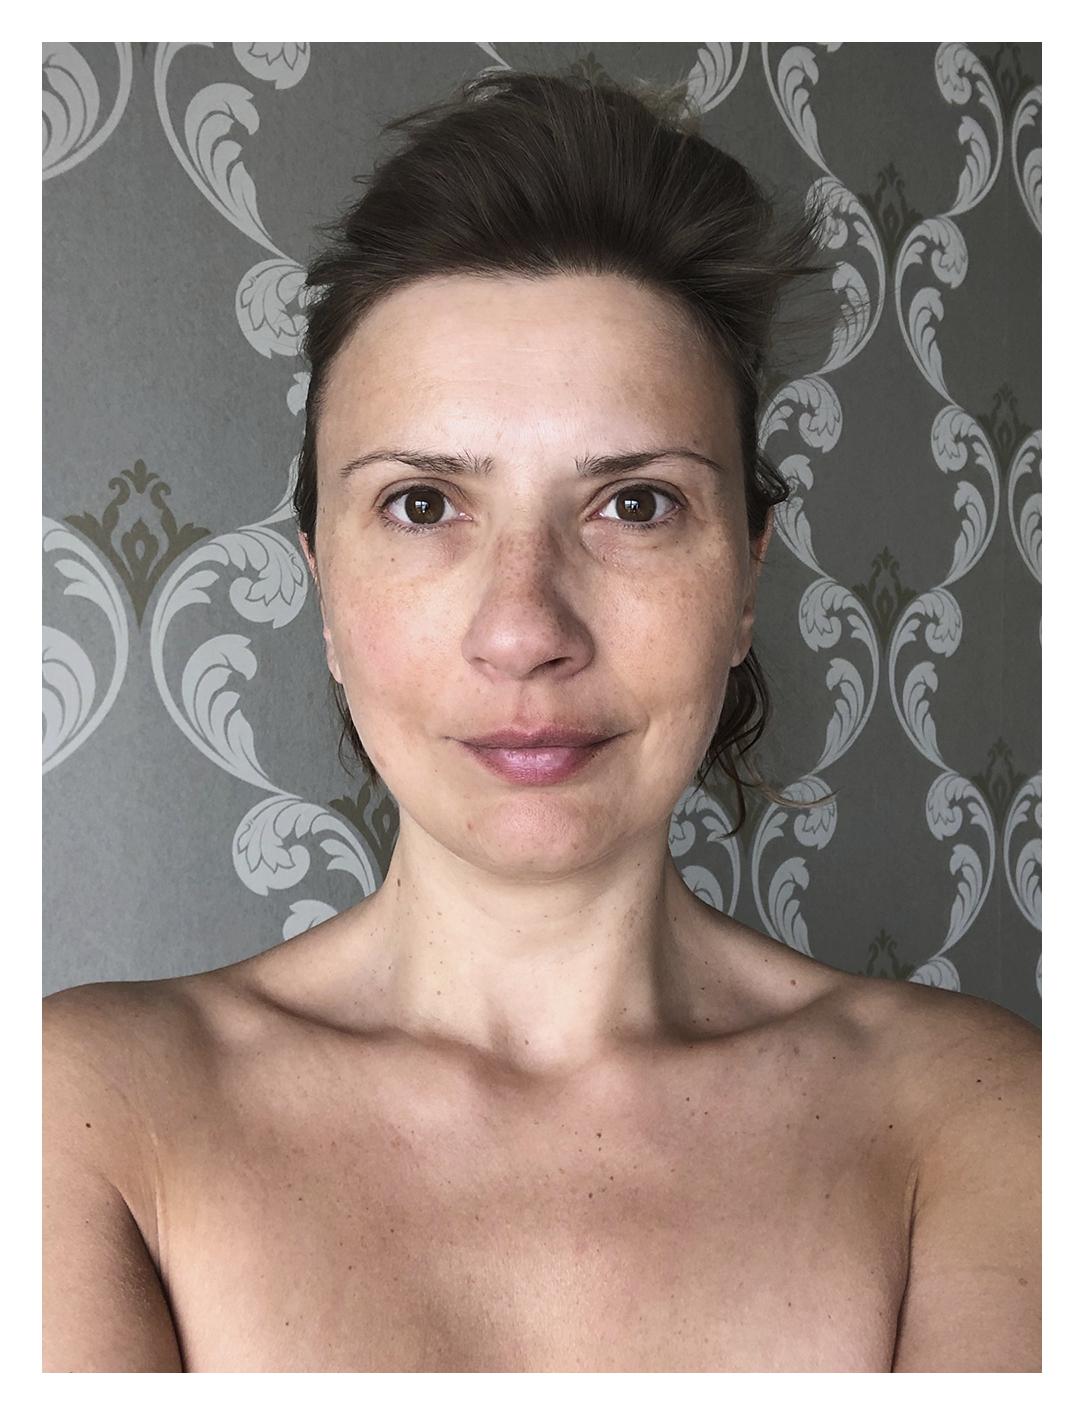 exercice d'autoportrait : moi au naturel